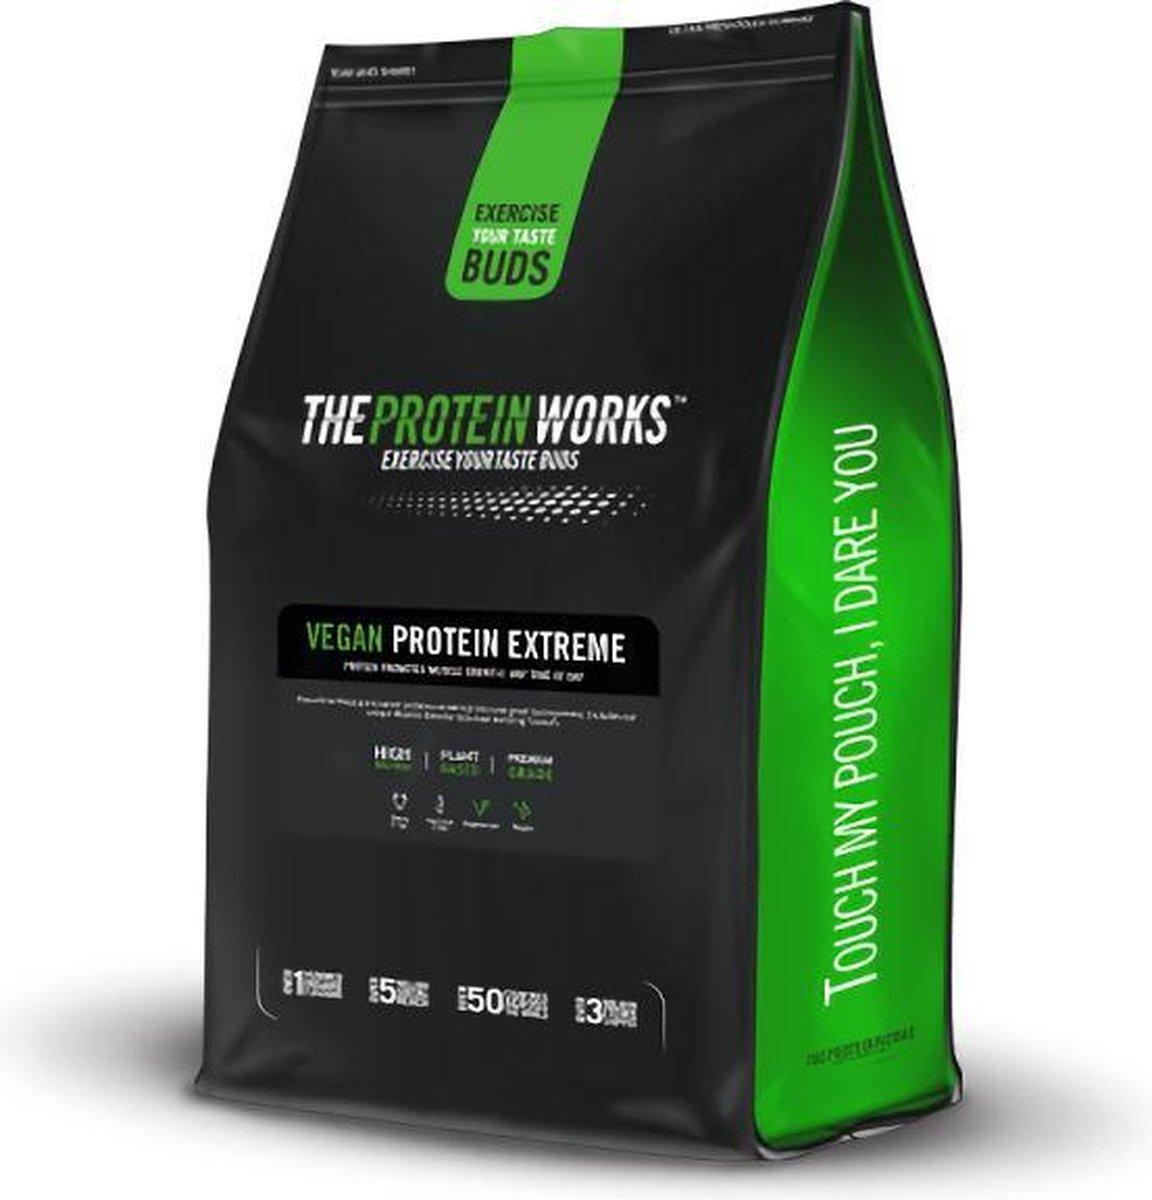 Vegan Protein / Vegan Proteïne - Vegan Proteïne Extreme / Vegan Protein Extreme - The Protein Works | Eiwitpoeder / Eiwitshake | 500g | Salted Caramel Bandit